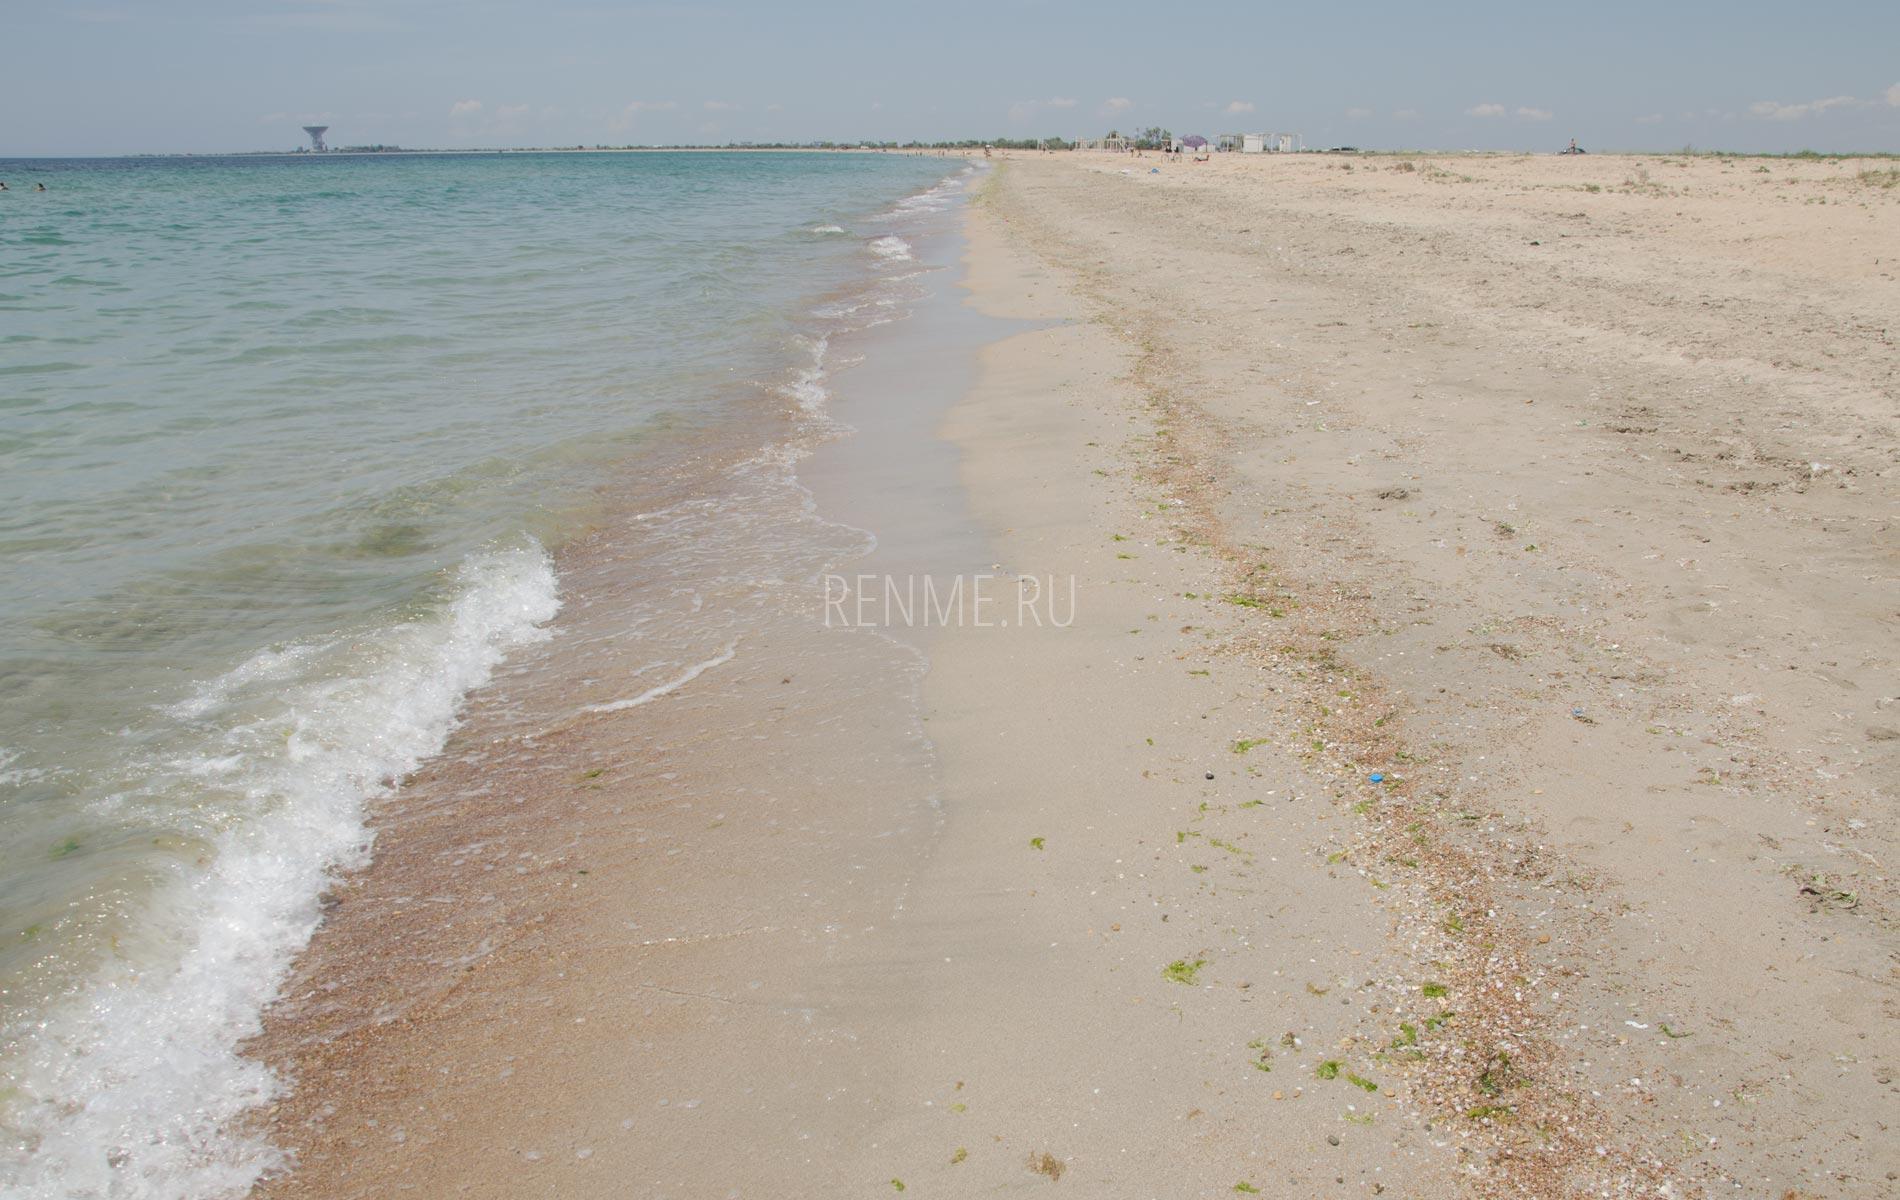 Песчаный пляж в России на море. Фото Заозёрного